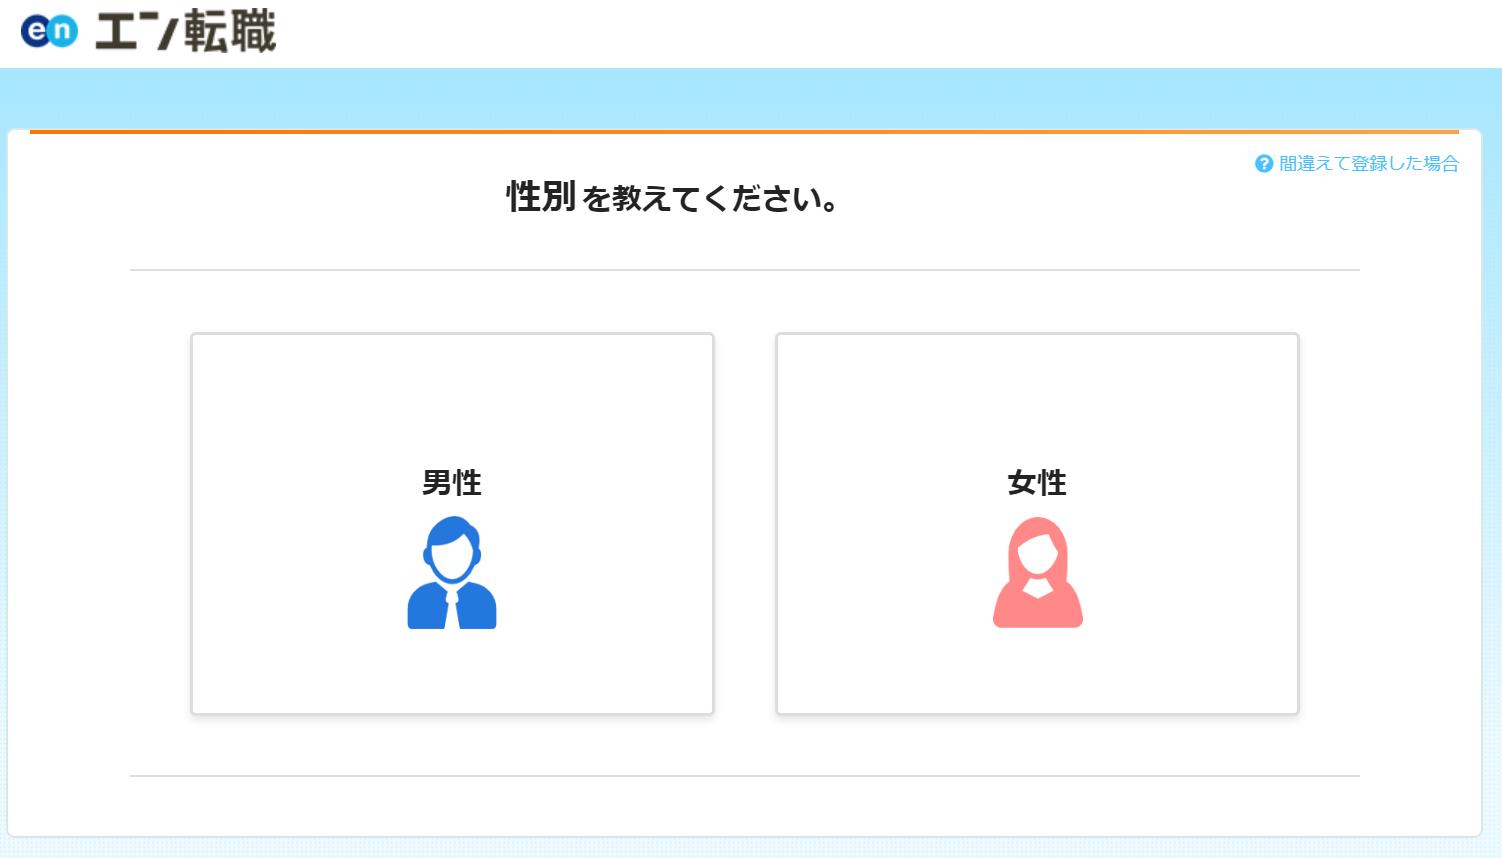 エン転職登録02